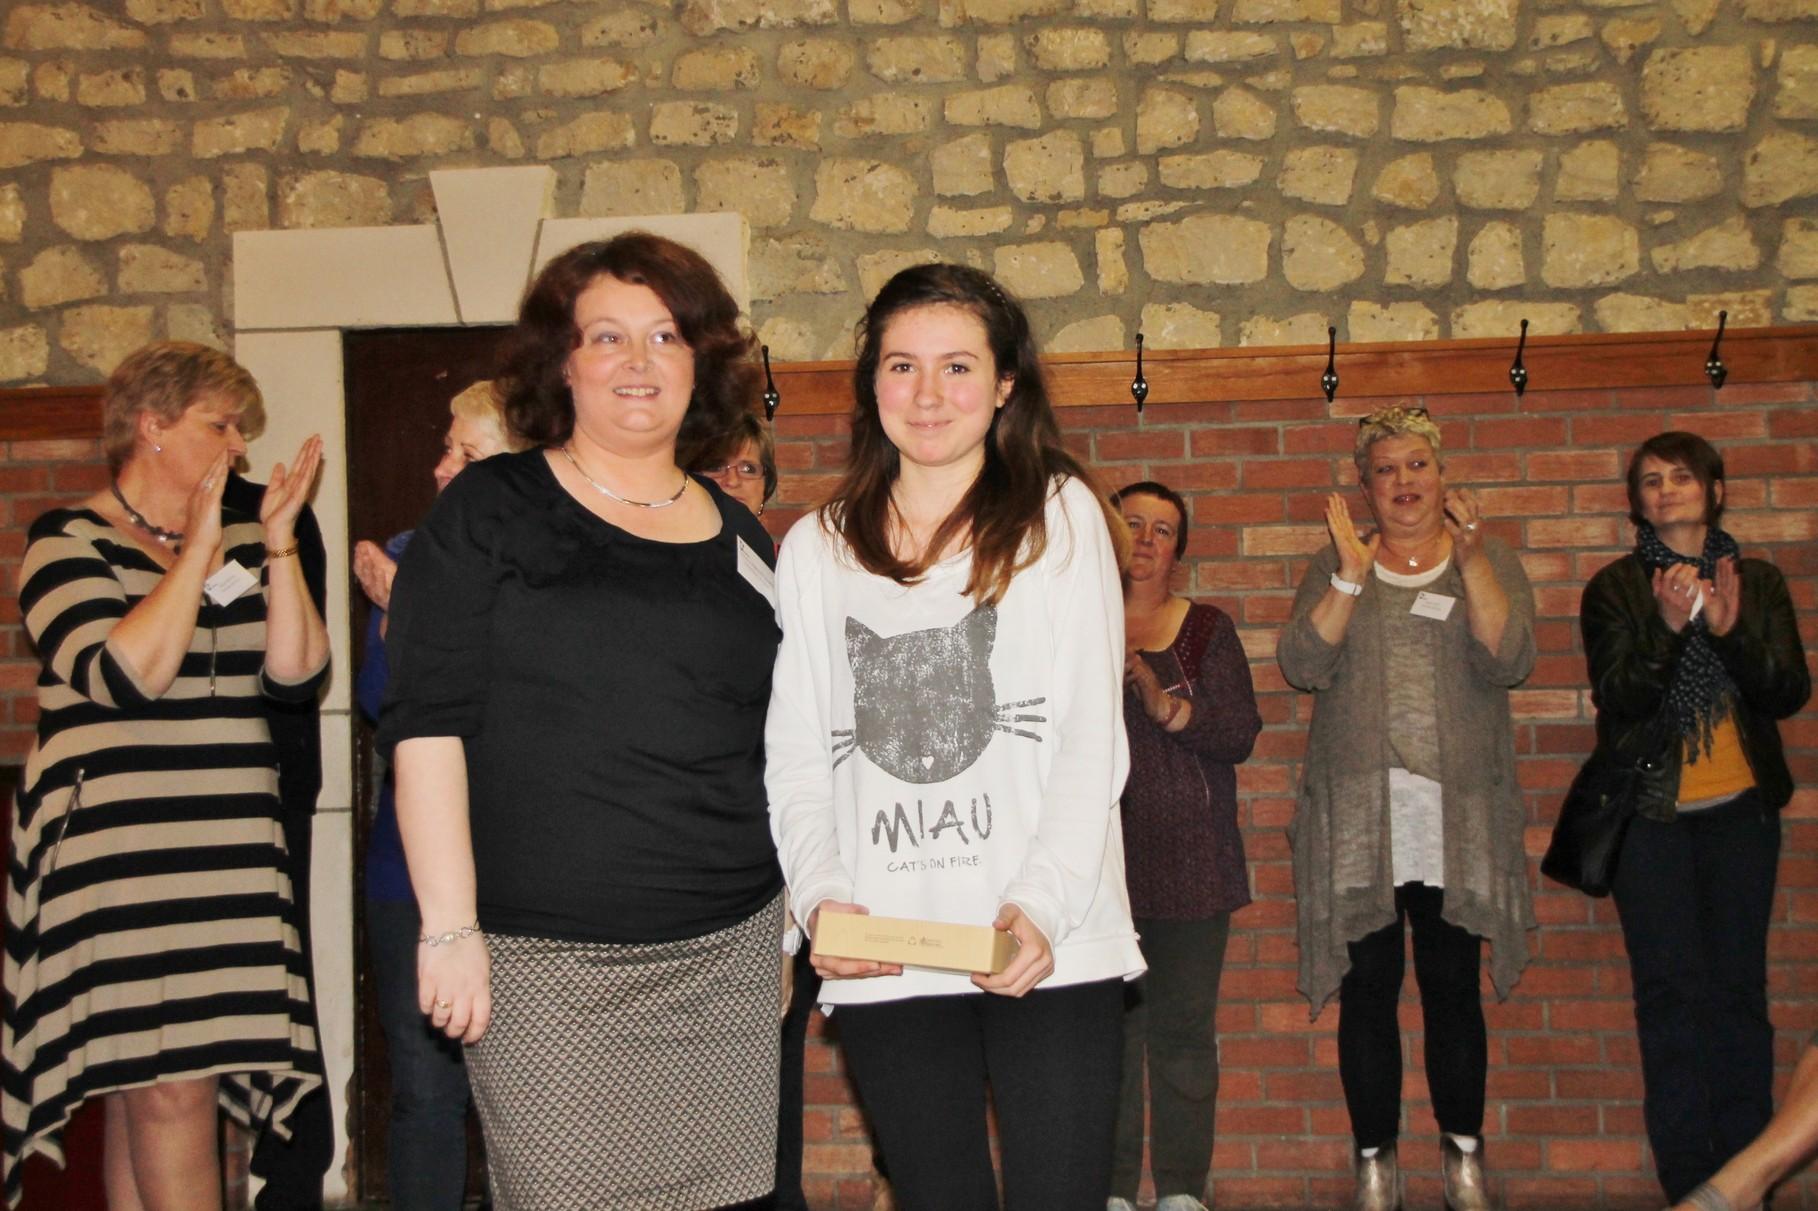 1er prix remis par Christine Poncelet-Geimer - Présidente de la LIR Arlon